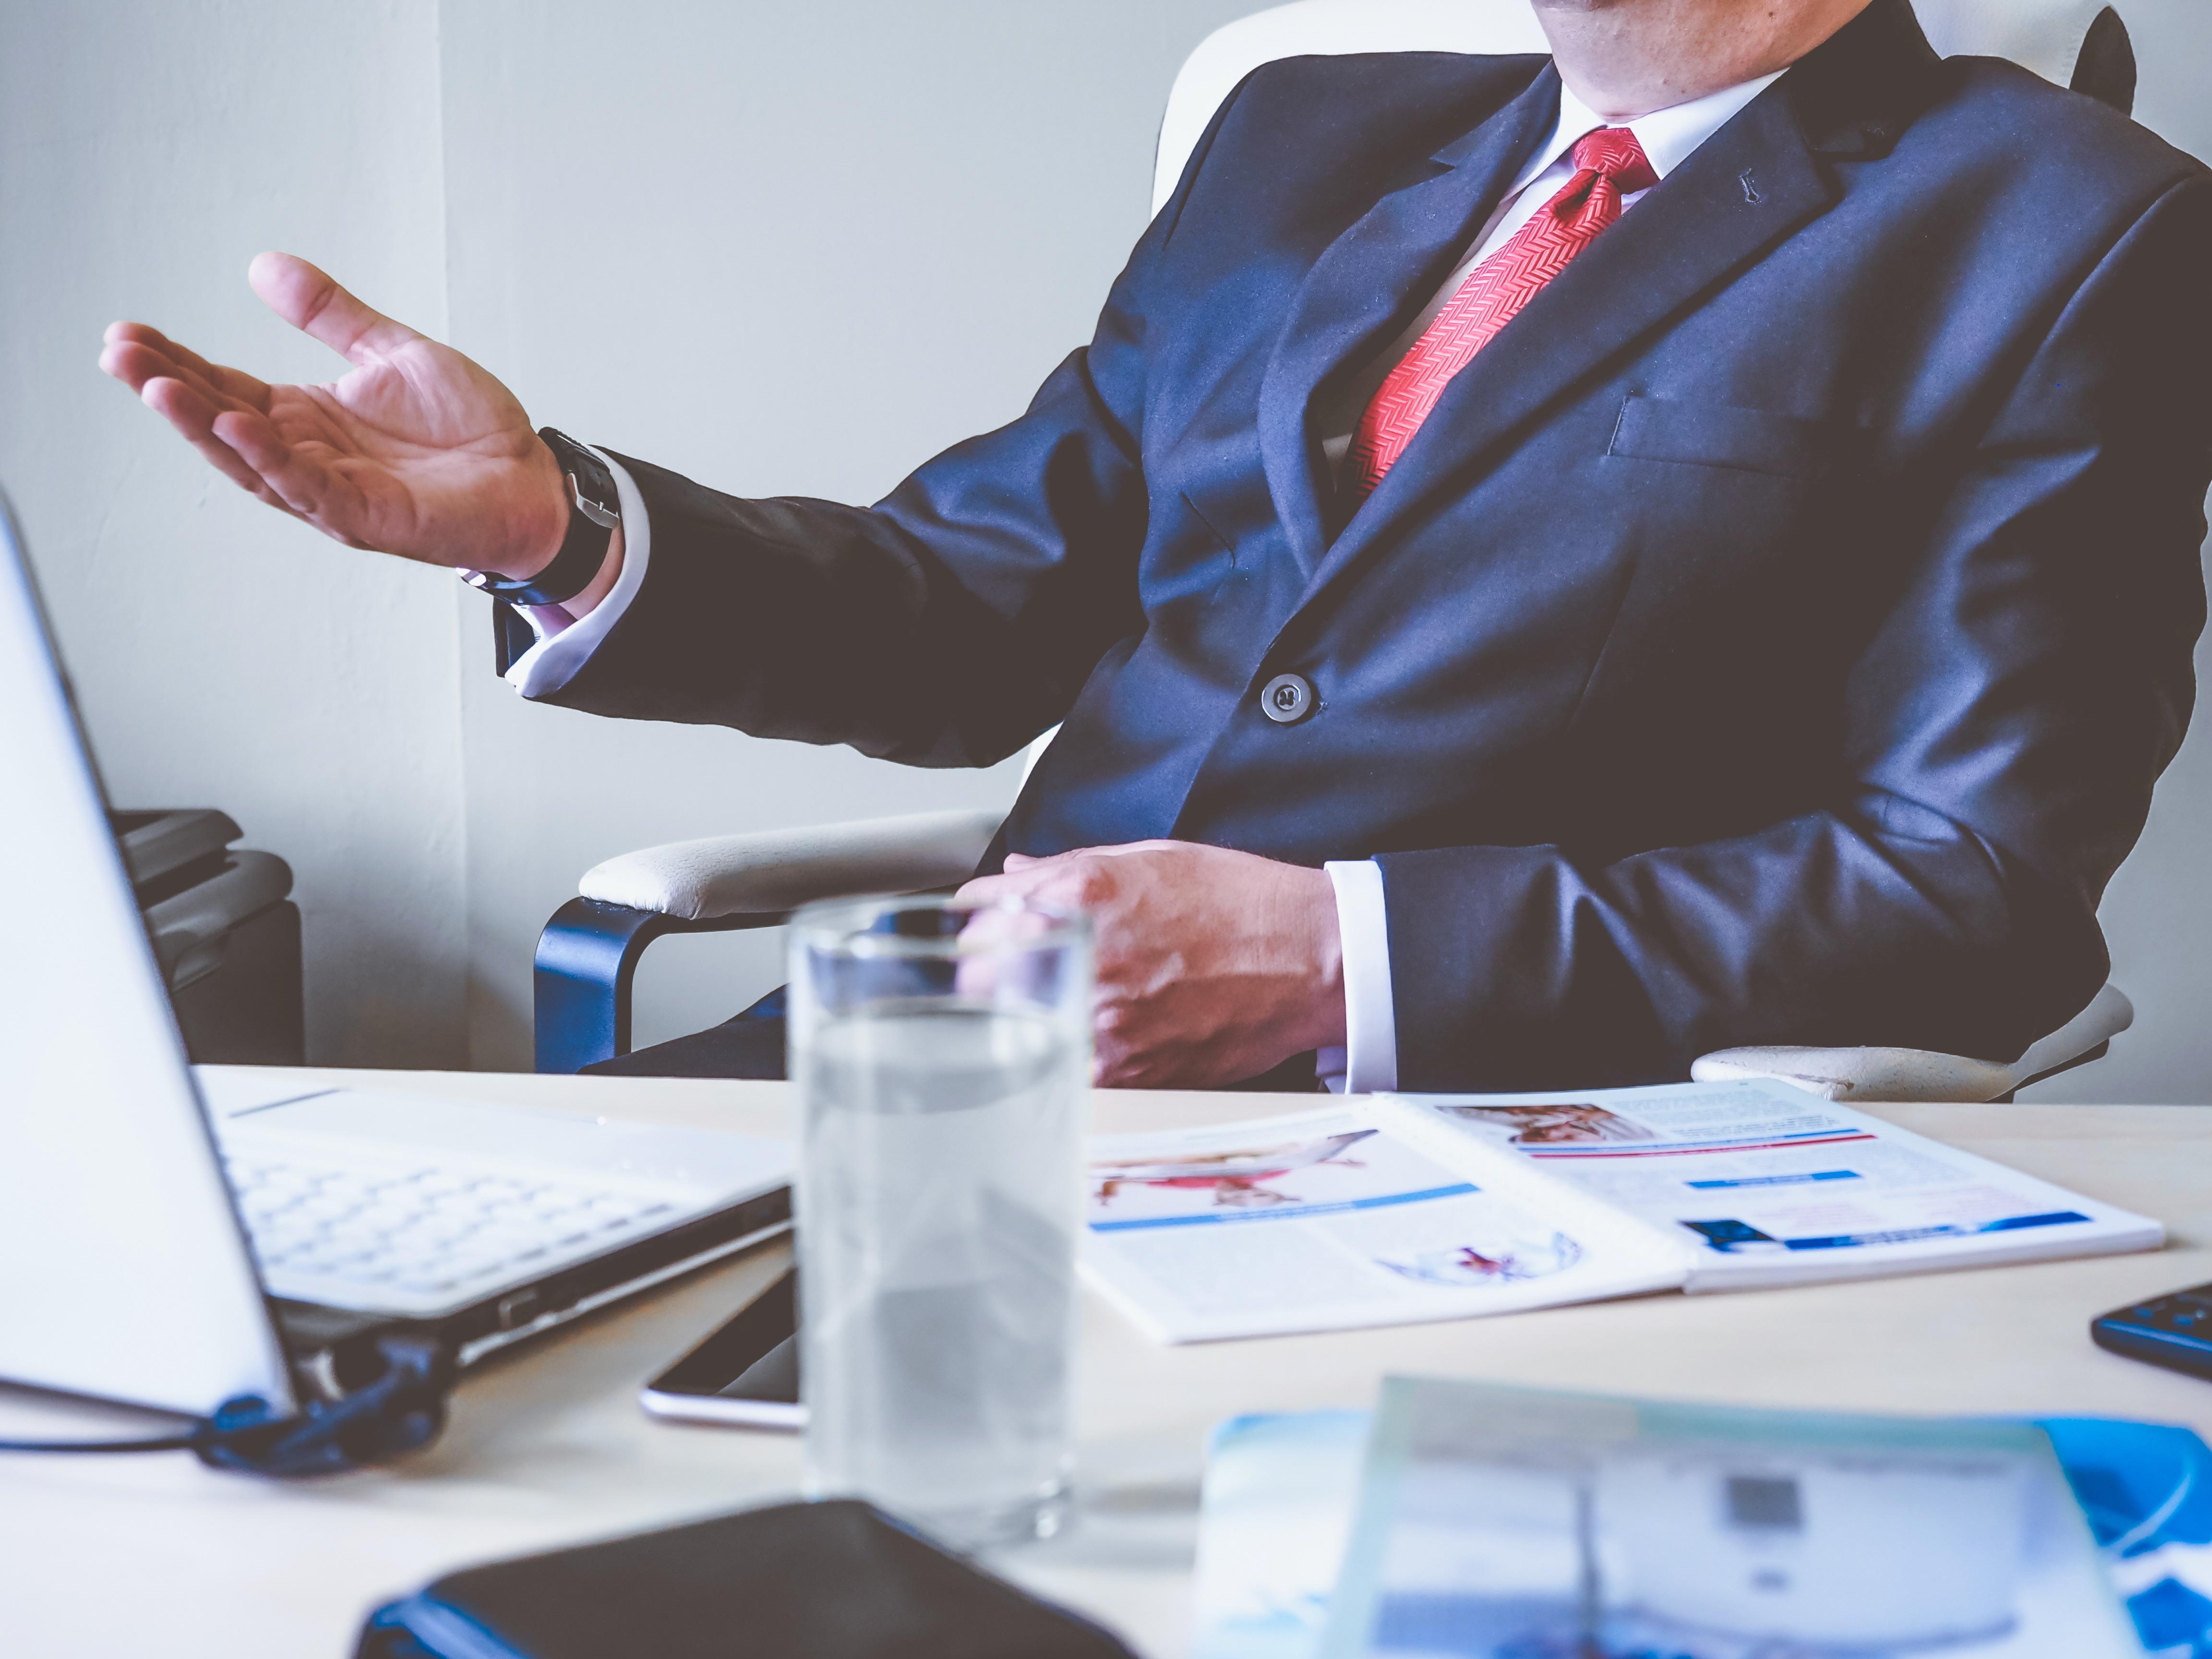 Na który leasing się zdecydować operacyjny czy finansowy?